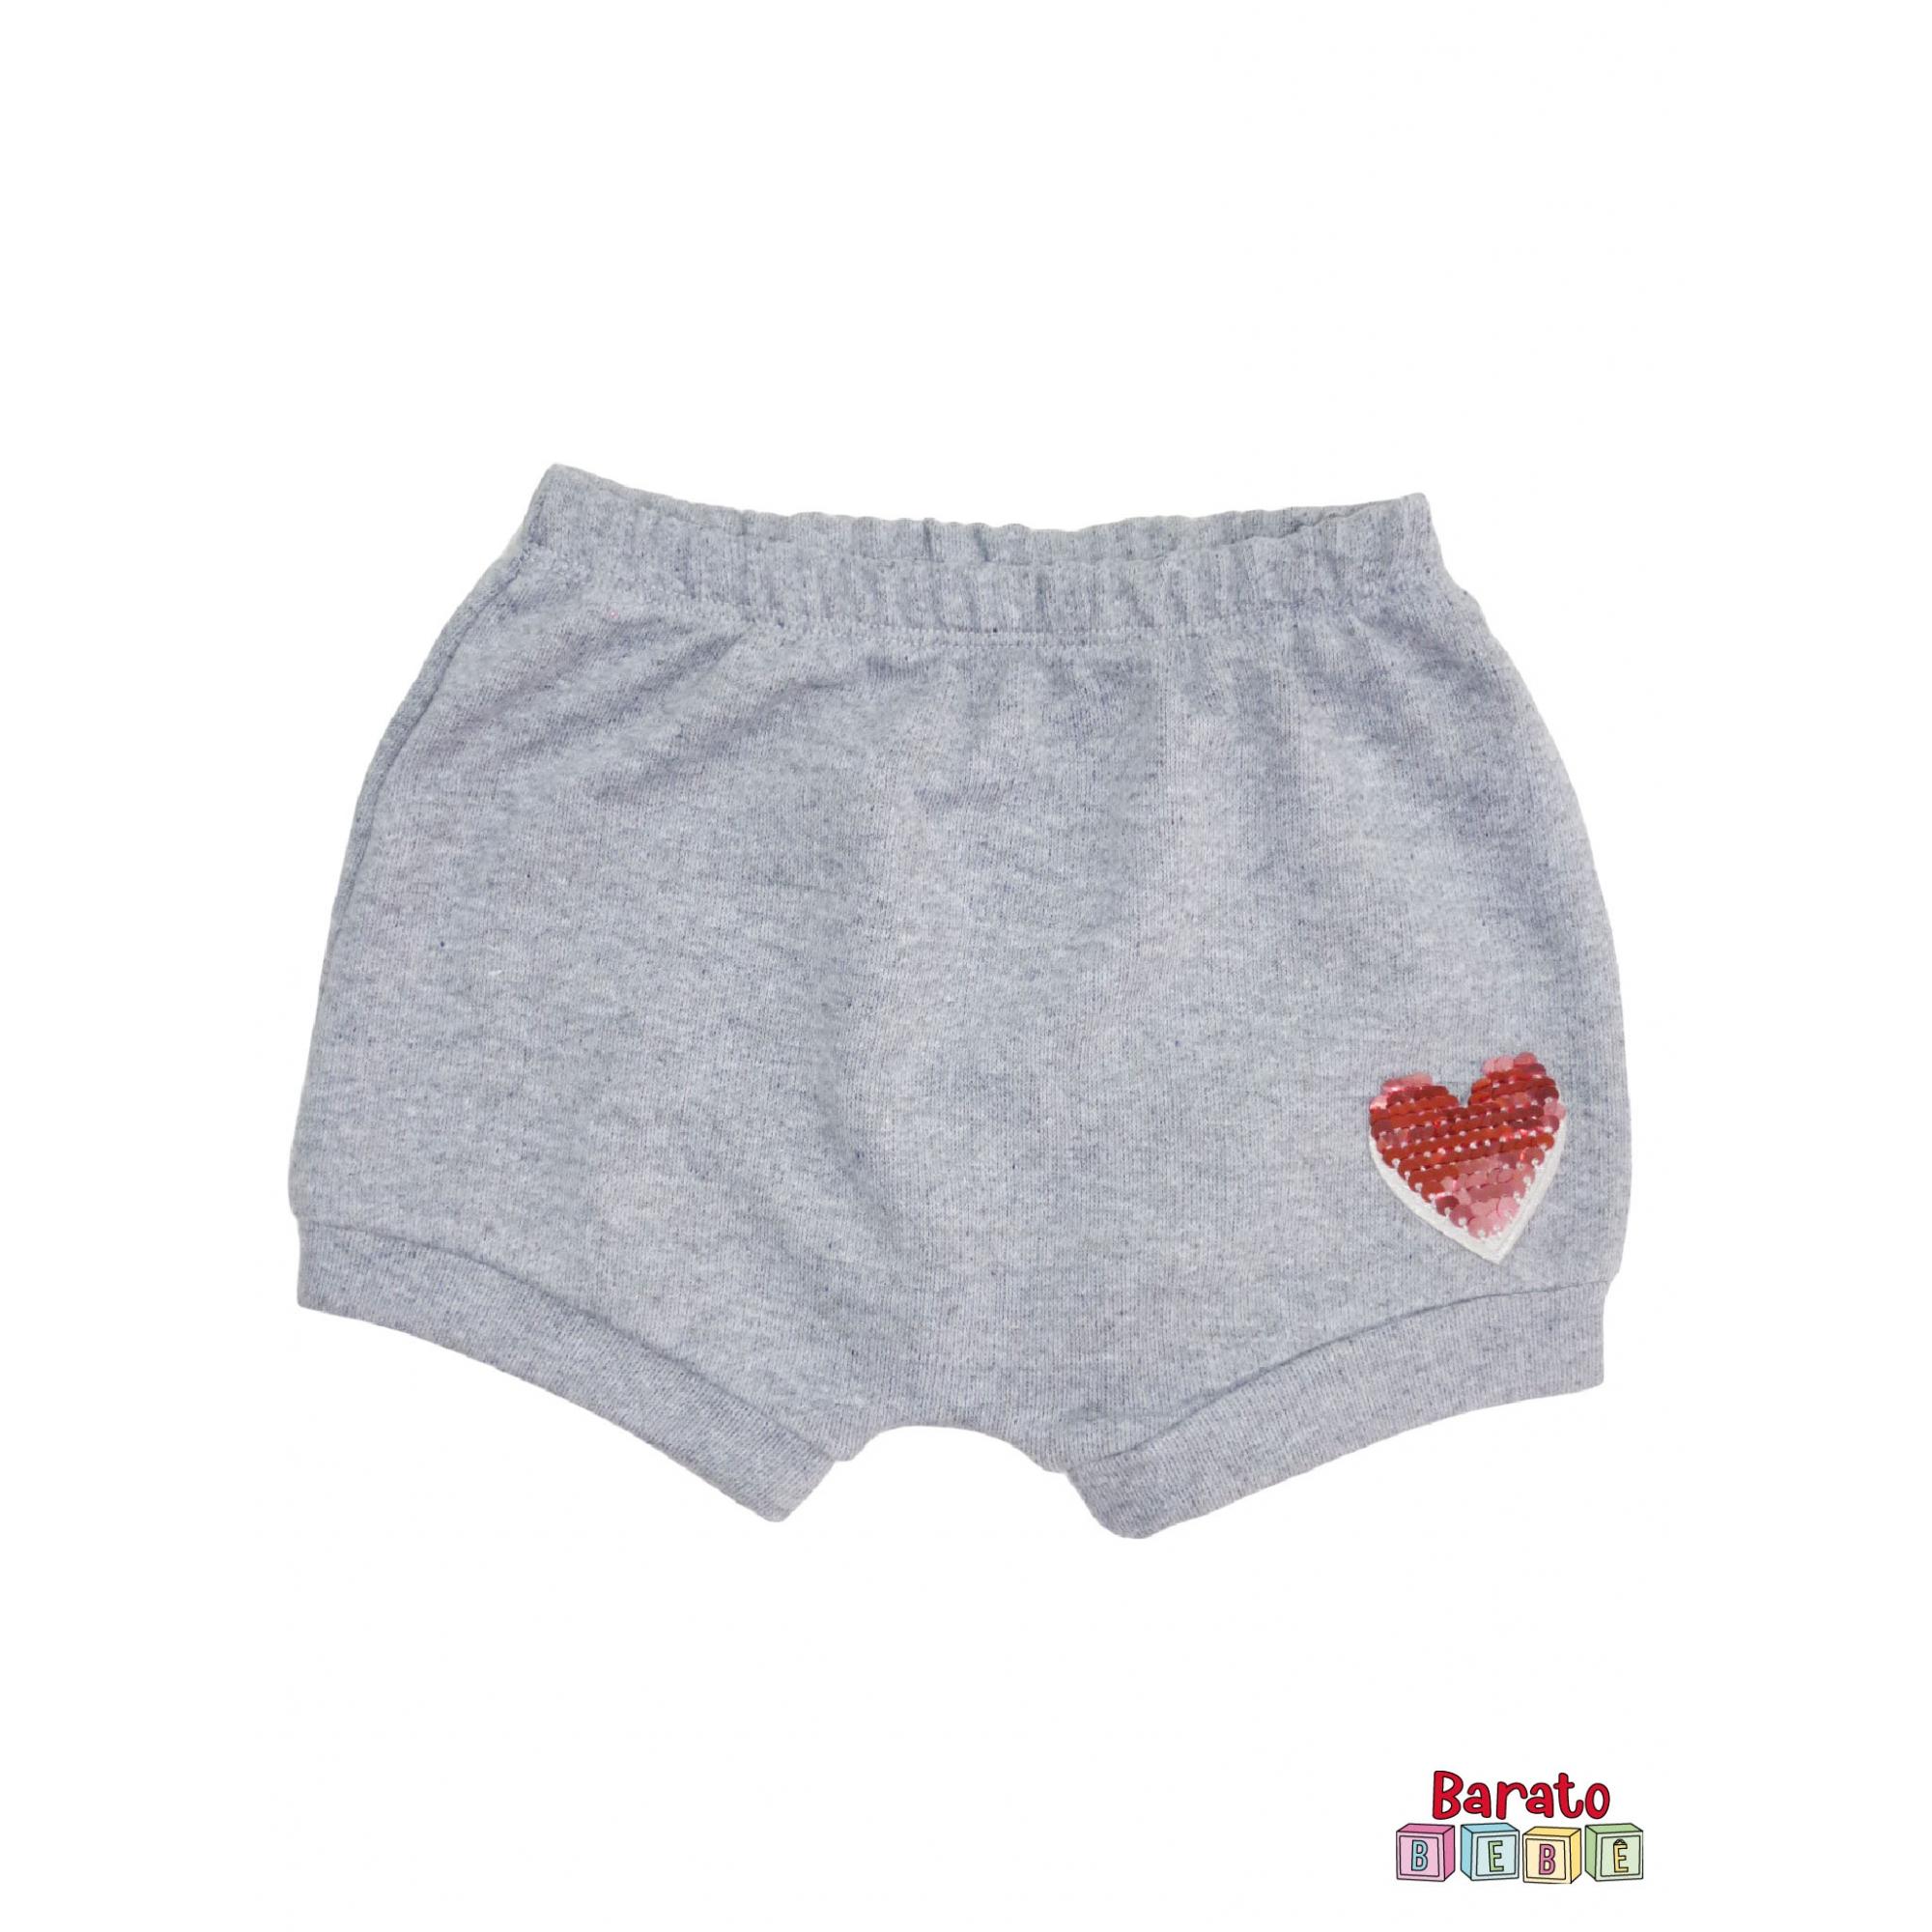 Shorts(Tapa Fralda) Bebê(P/M/G)  - Barato Bebê - Mescla C/ Aplique Coração